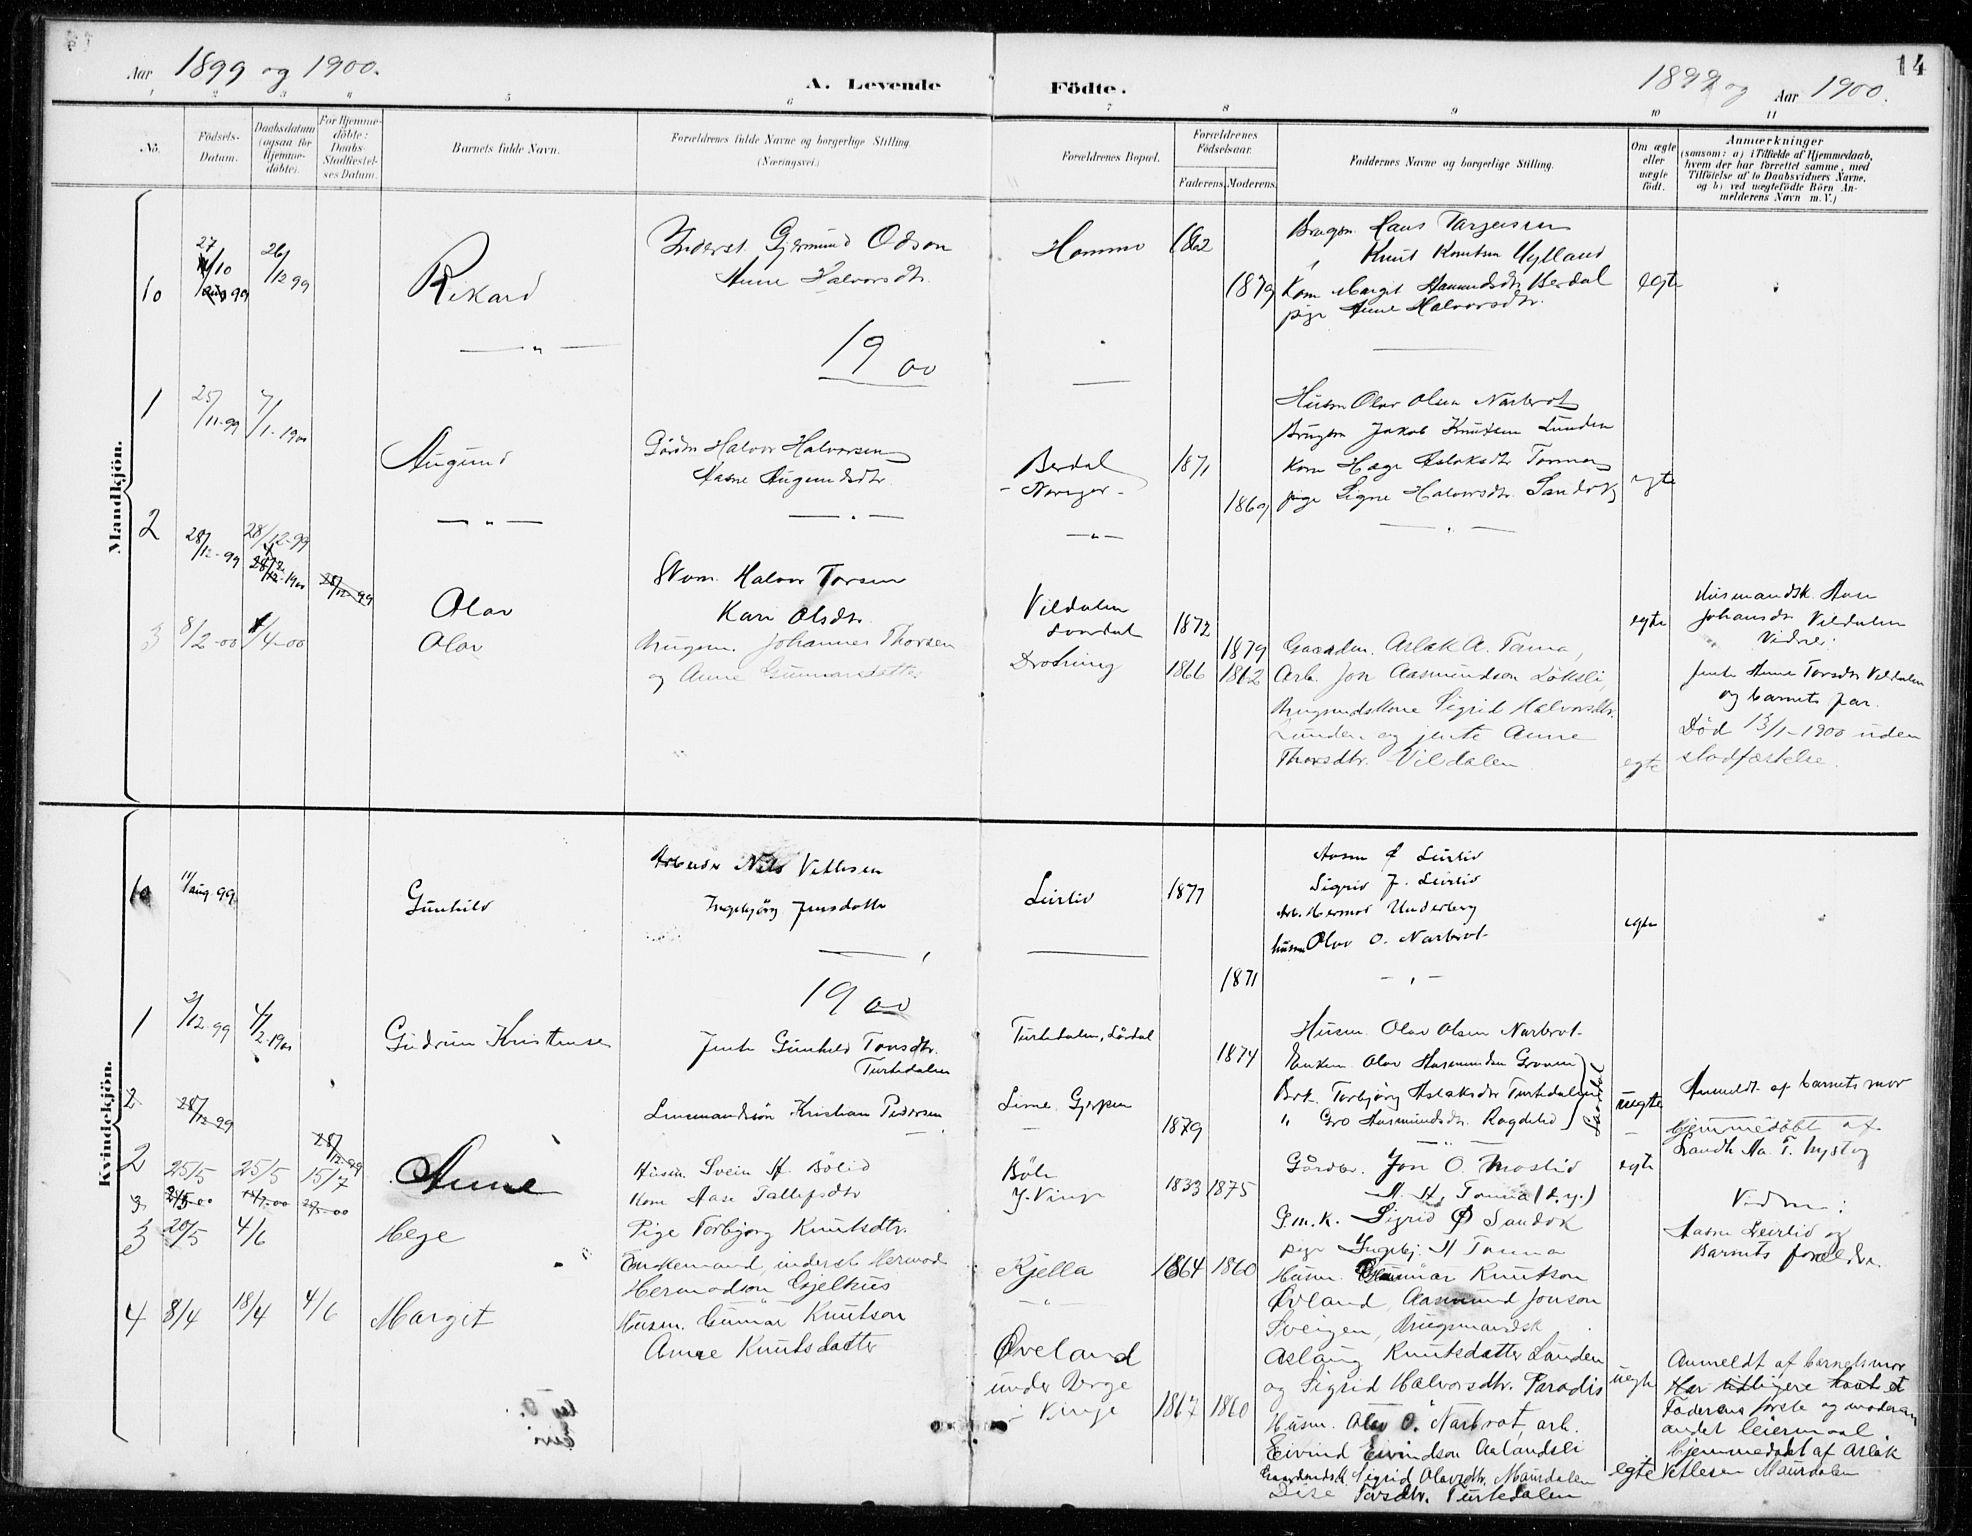 SAKO, Vinje kirkebøker, G/Gb/L0003: Klokkerbok nr. II 3, 1892-1943, s. 14